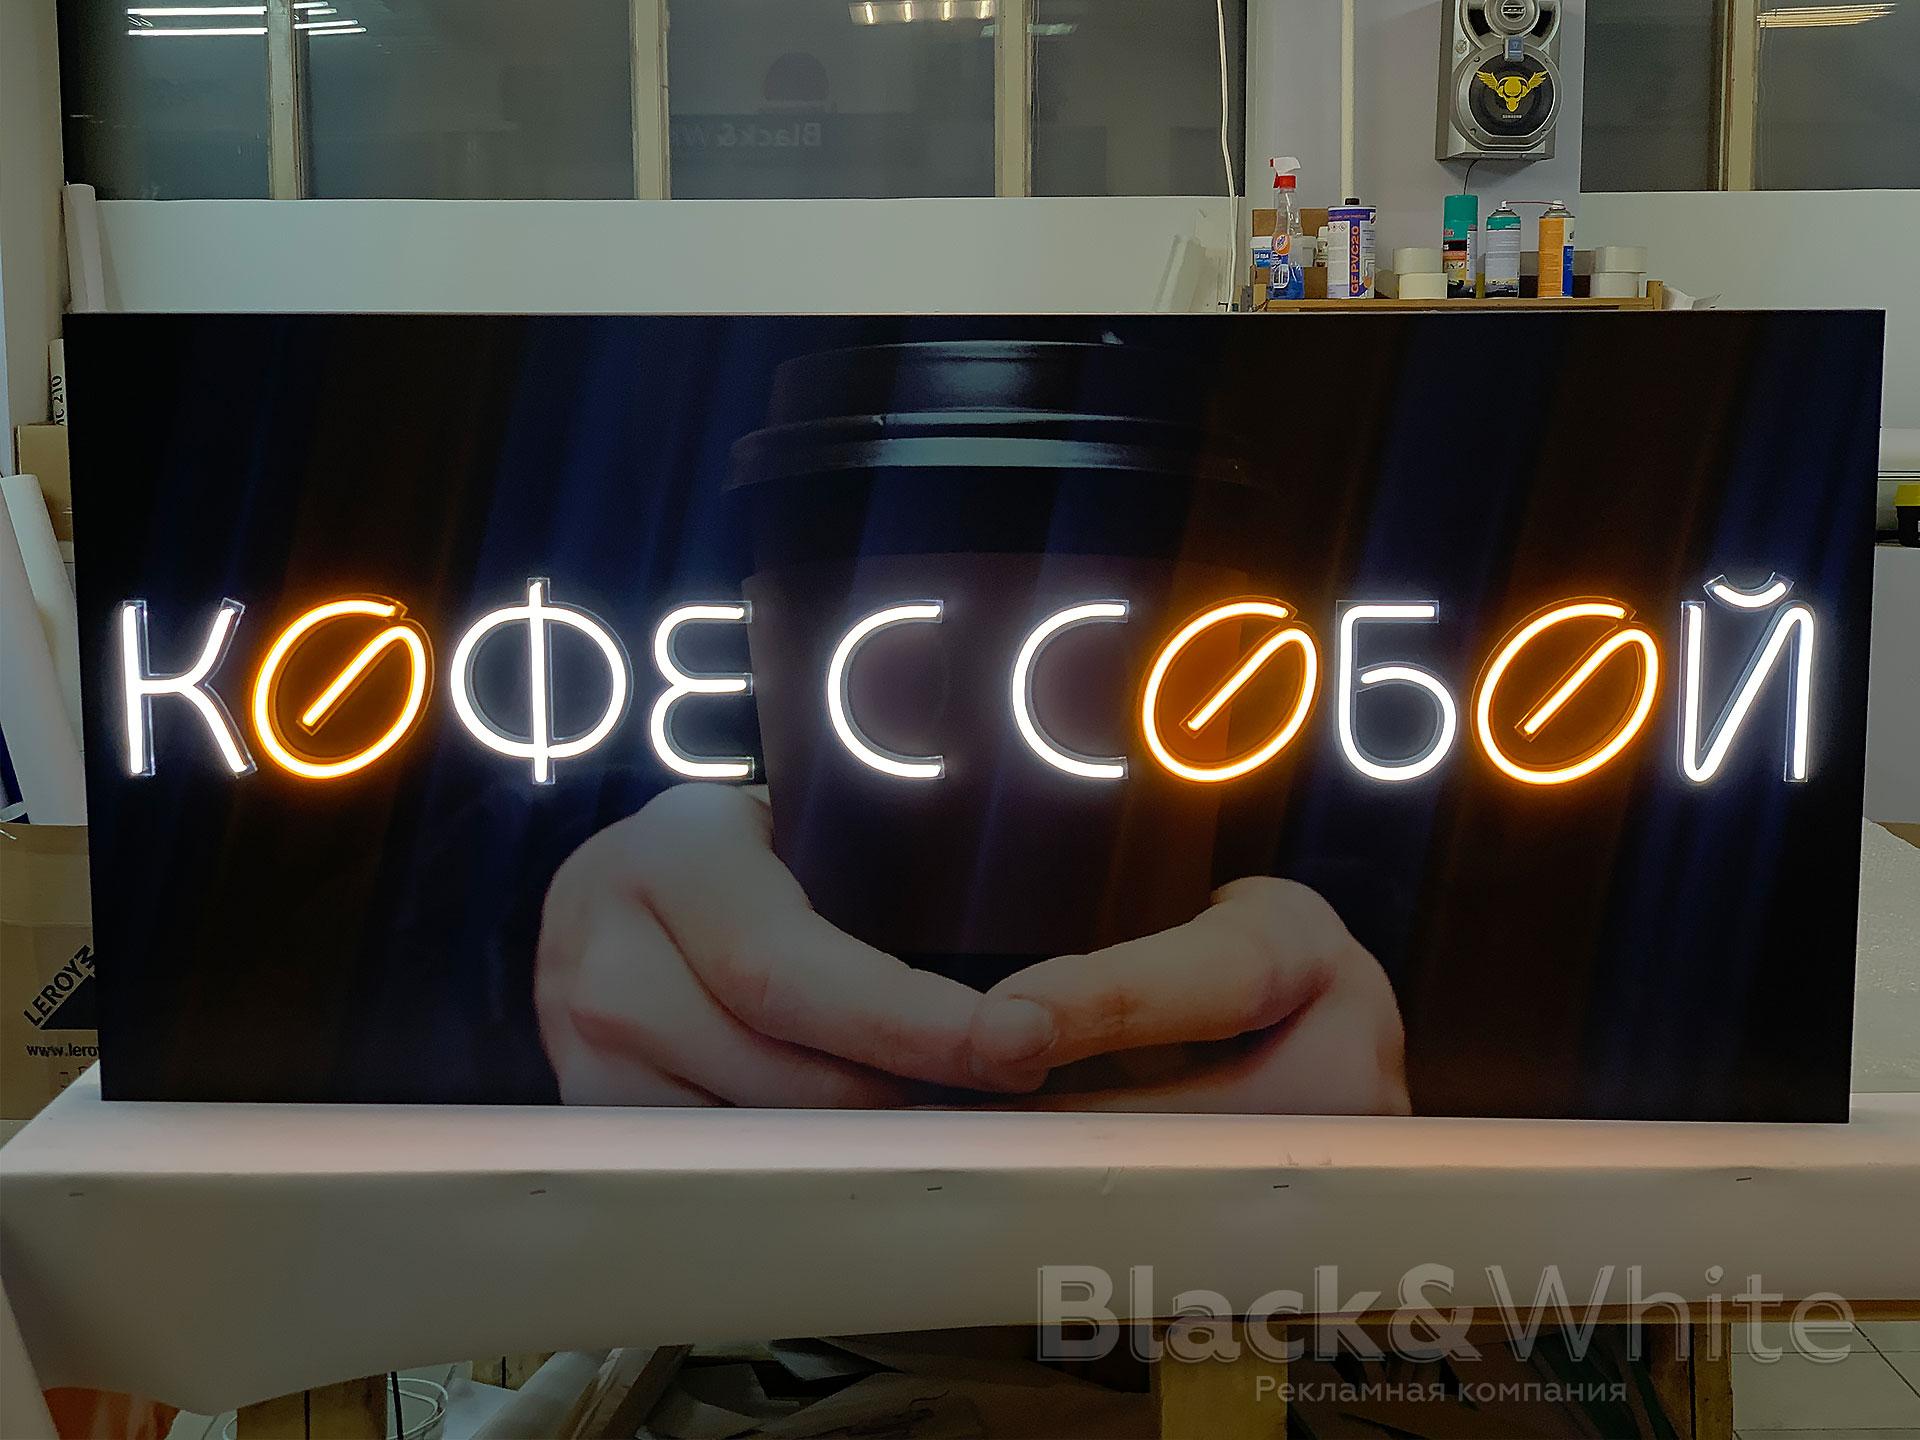 Неоновая-вывеска-Кофе-с-собой-изготовление-в-Красноярске.jpg